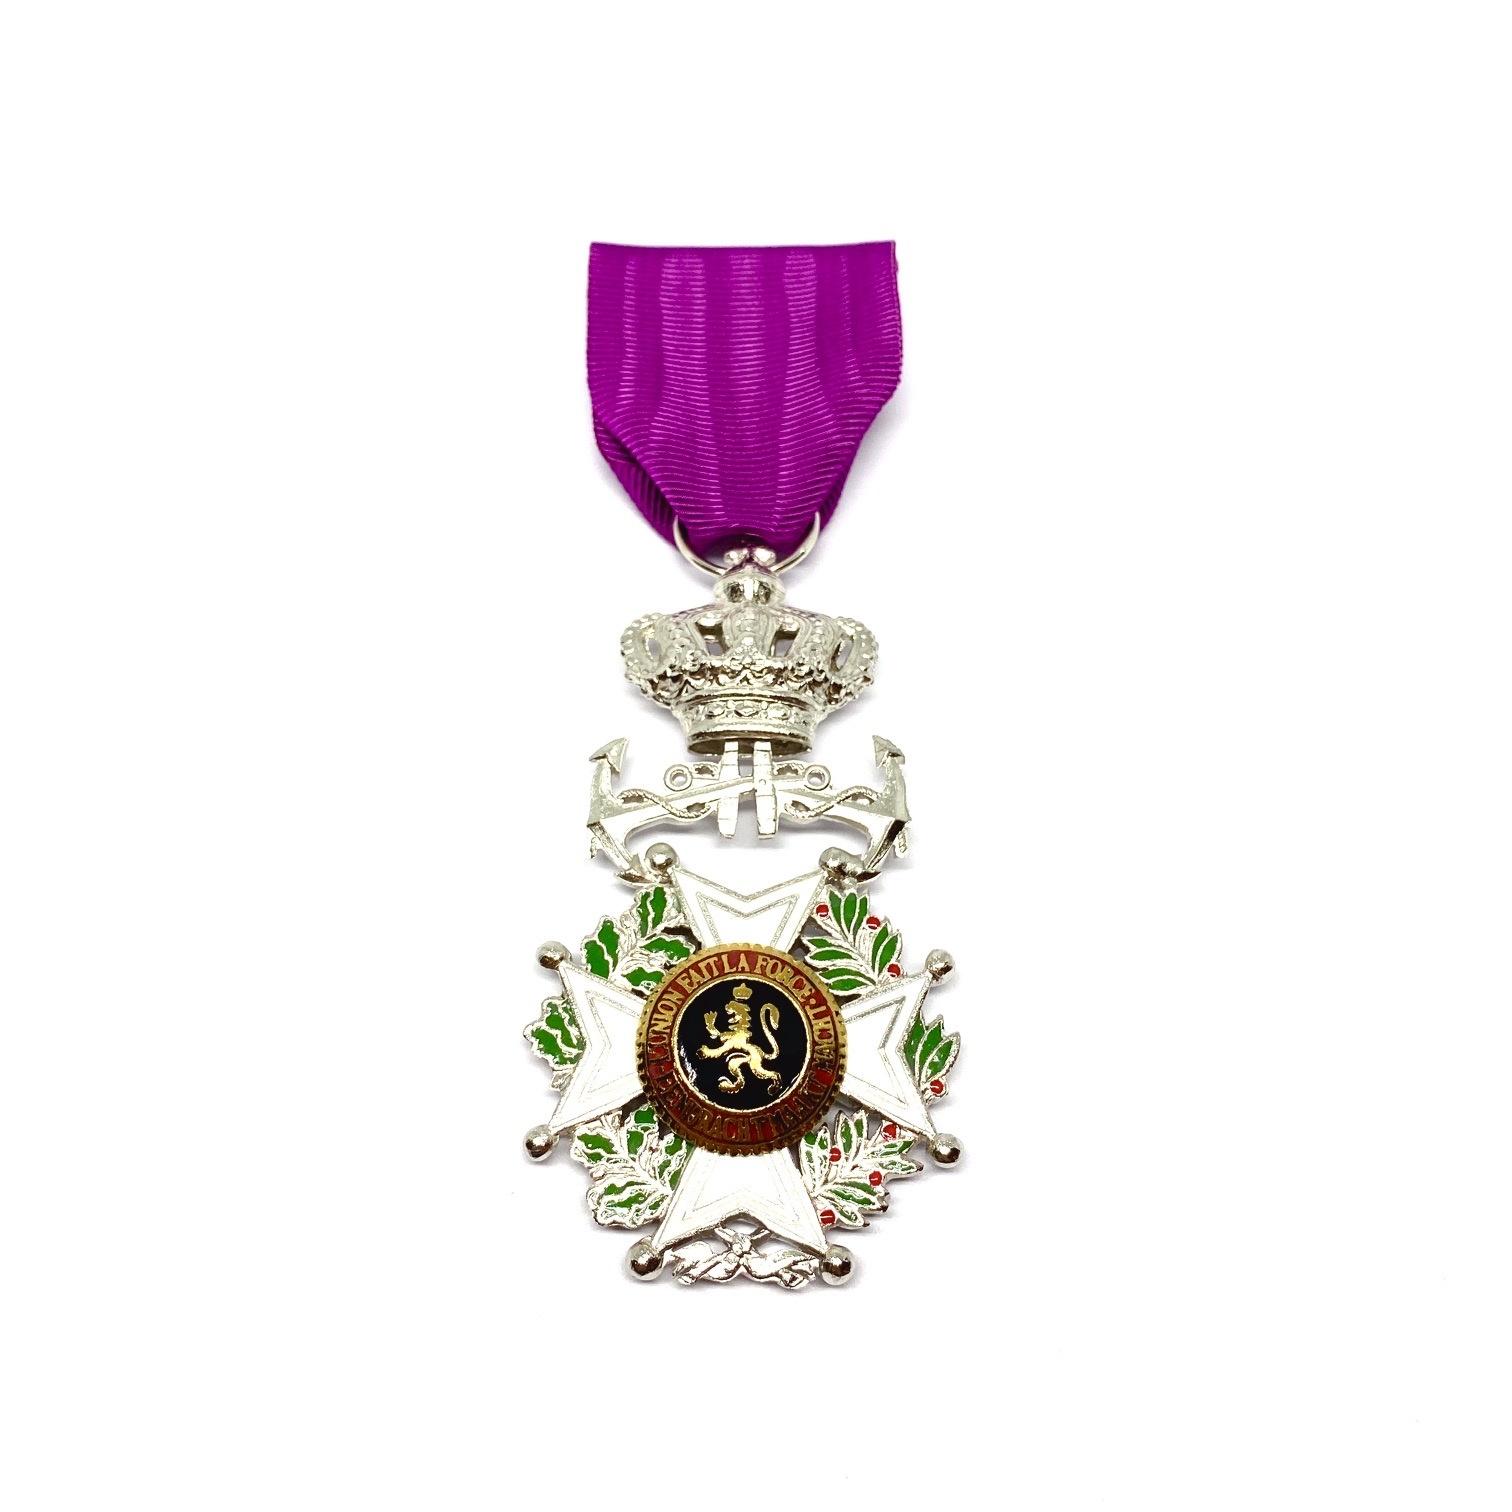 Ridder in de Orde van Leopold Maritiem